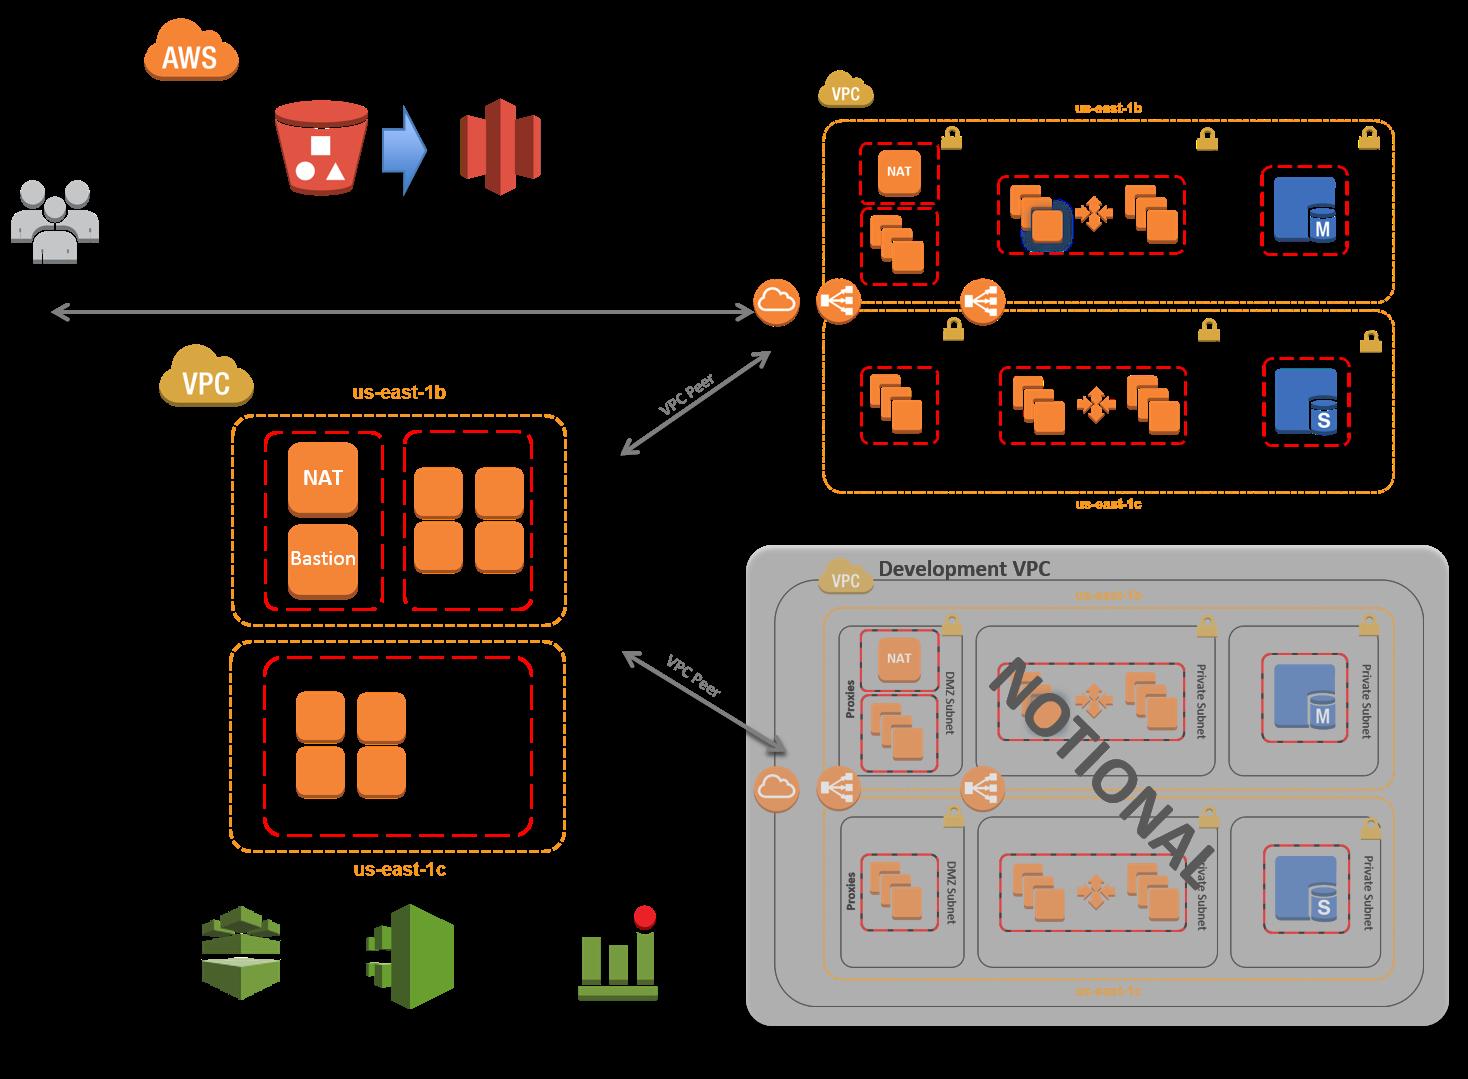 Arquitectura web estándar de tres capas para HIPAA en AWS que ilustra la integración con varias